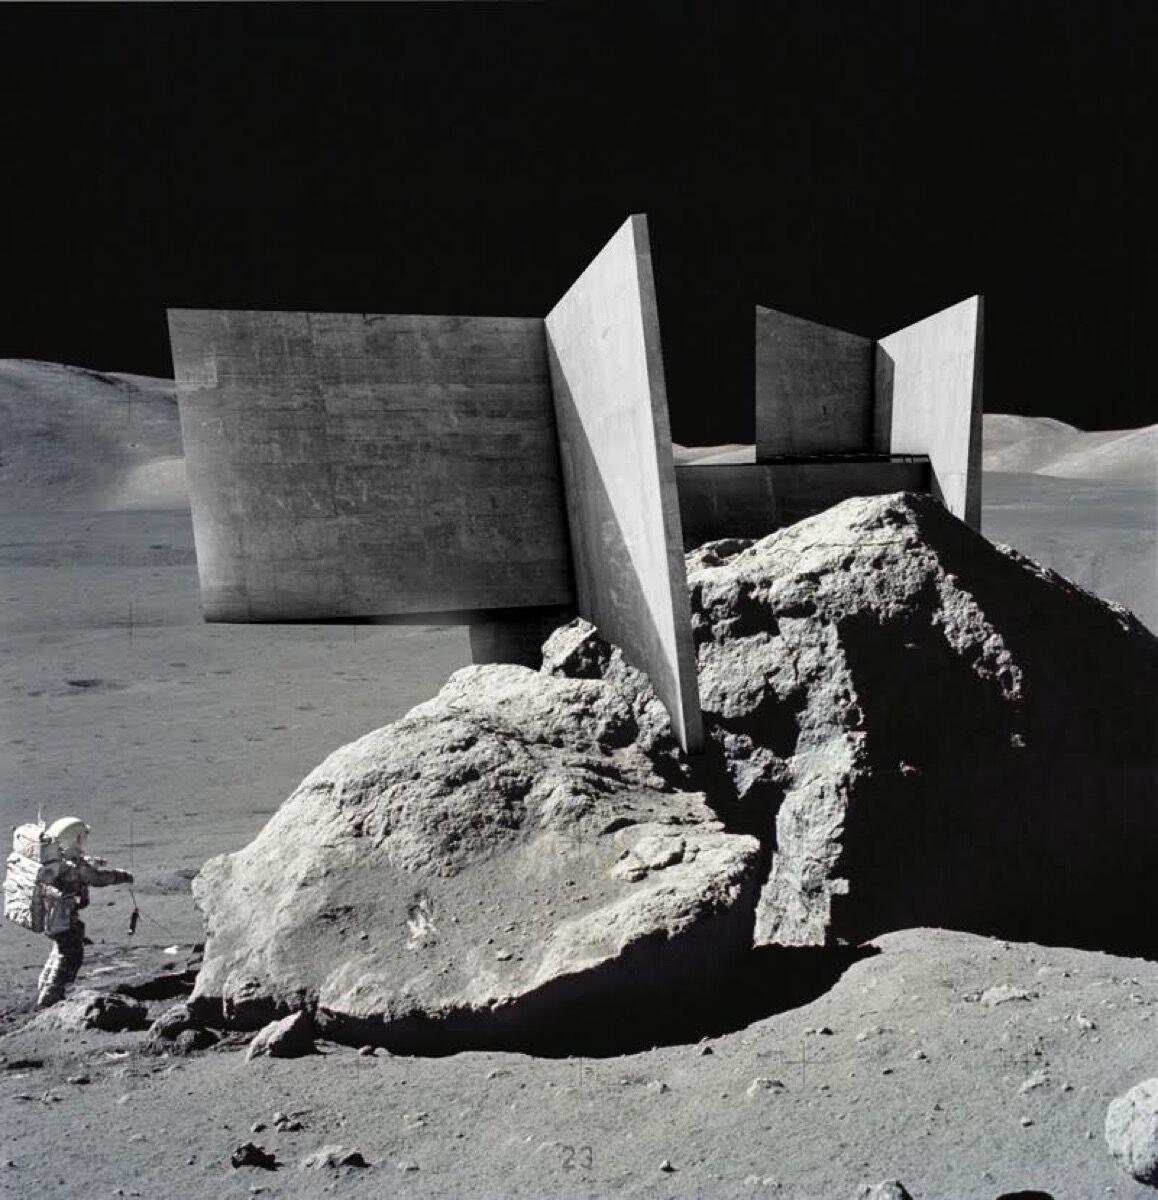 Proposal for a Lunar Temple #1, Brutalist. Image courtesy of NASA/Eugene Cernan, Alex Hogrefe.